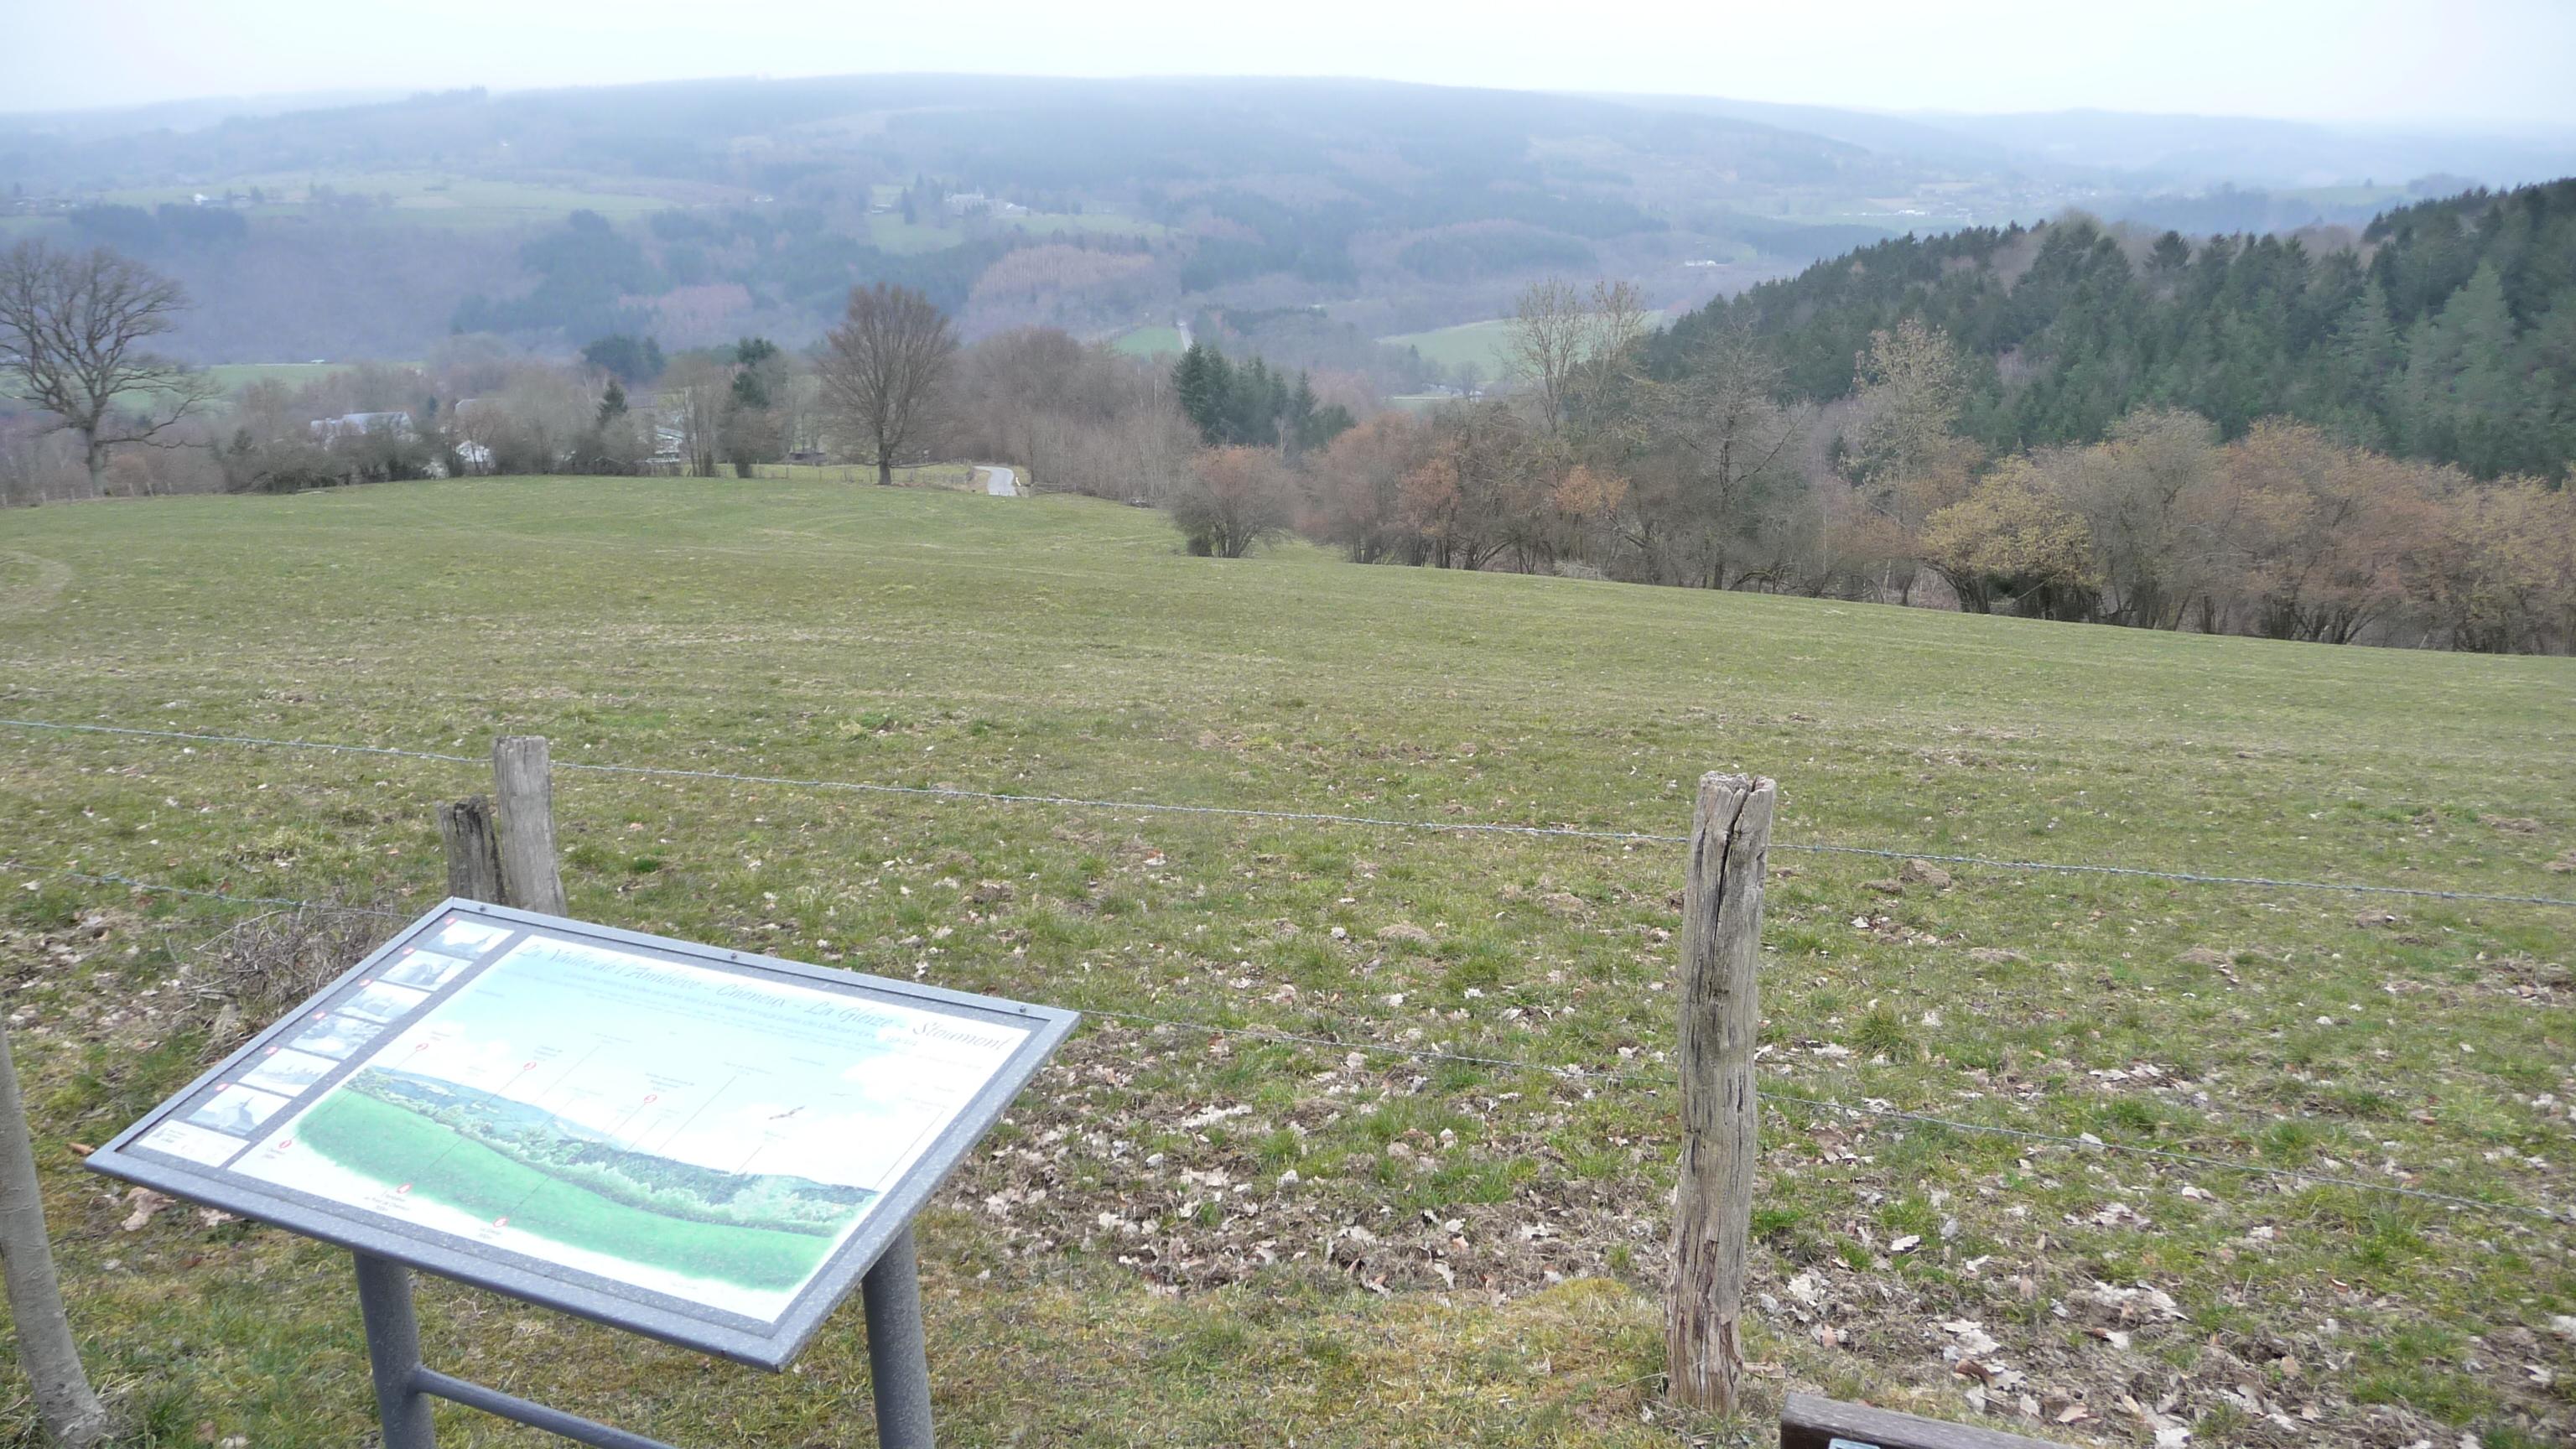 View over La Gleize near Monceau